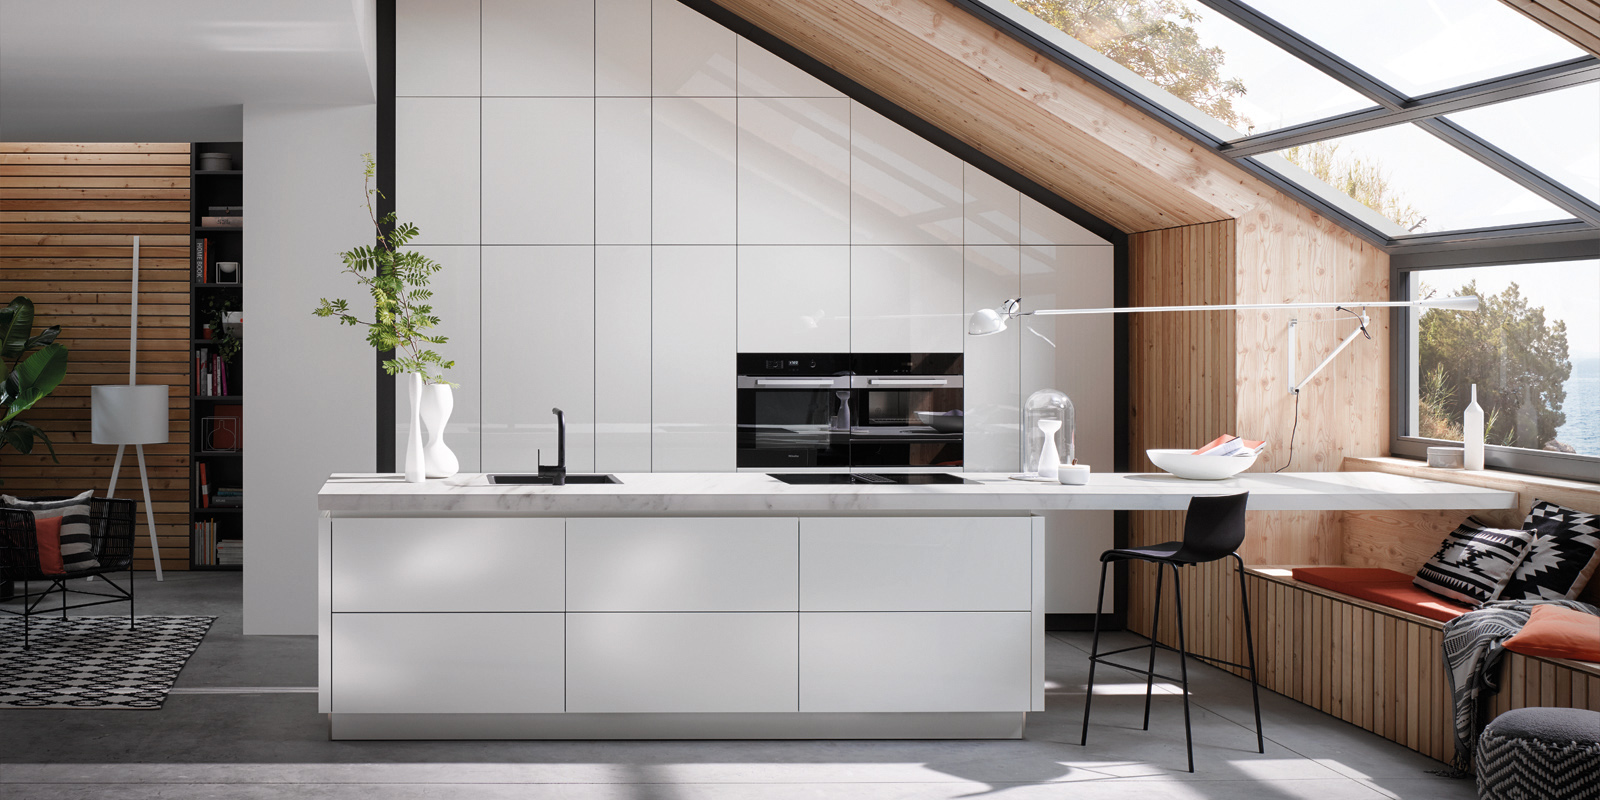 Full Size of Nischenrckwand Kche Kunststoff Rckwand Orientalisch Otto Glas Küchen Regal Wohnzimmer Real Küchen